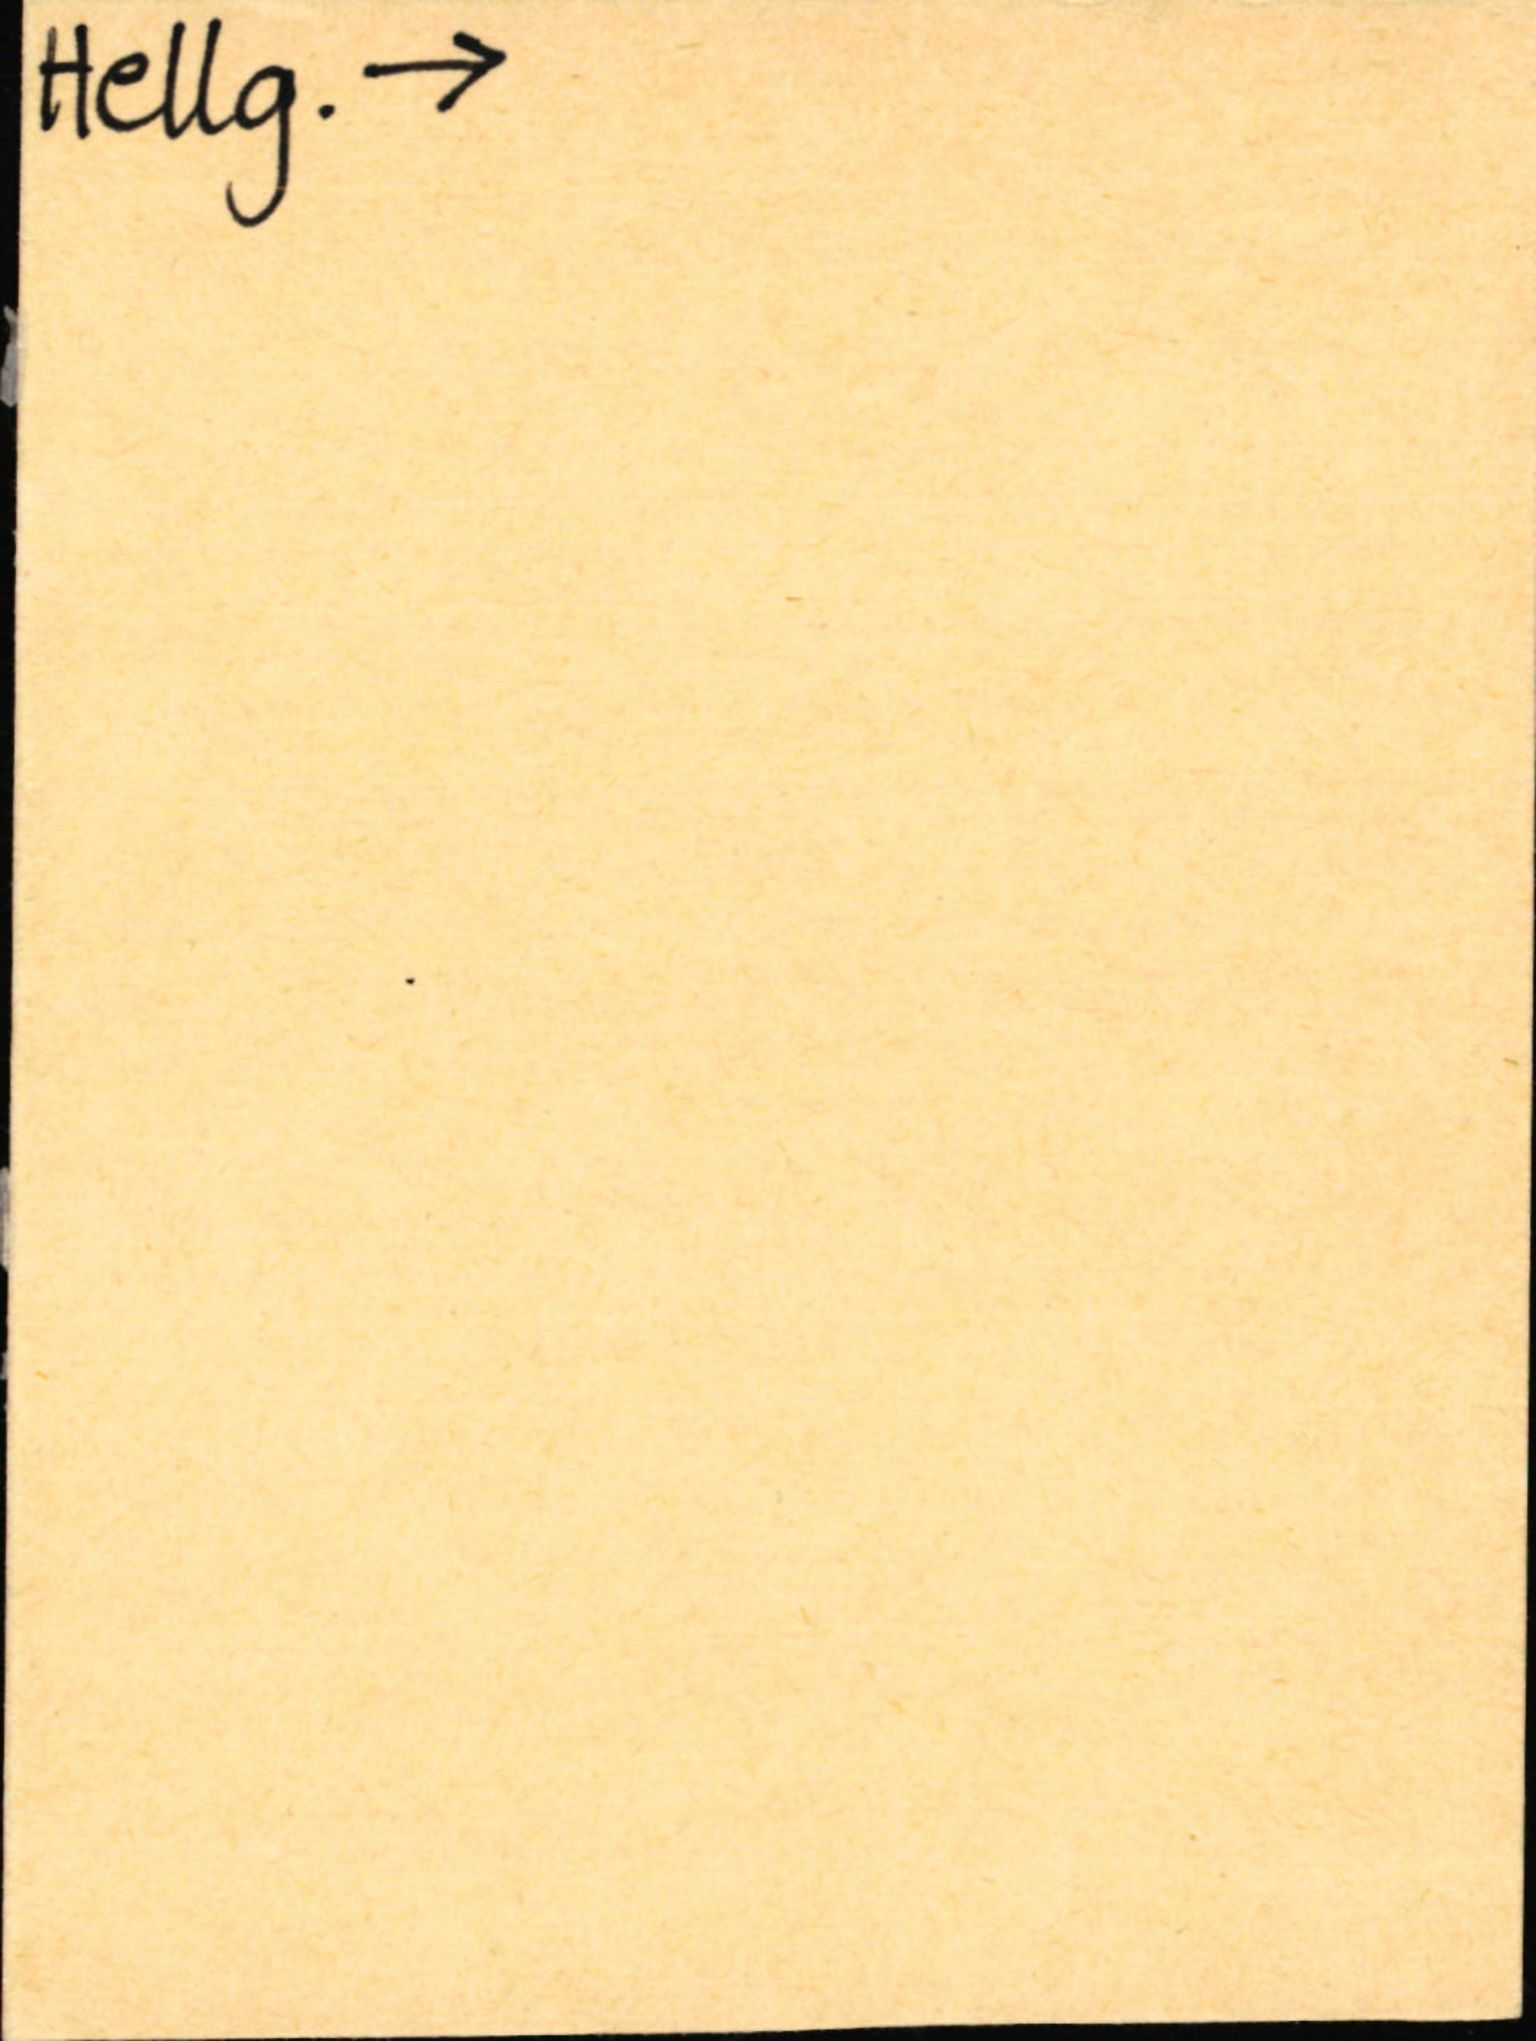 SAB, Statens vegvesen, Hordaland vegkontor, Ha/L0022: R-eierkort H, 1920-1971, s. 1